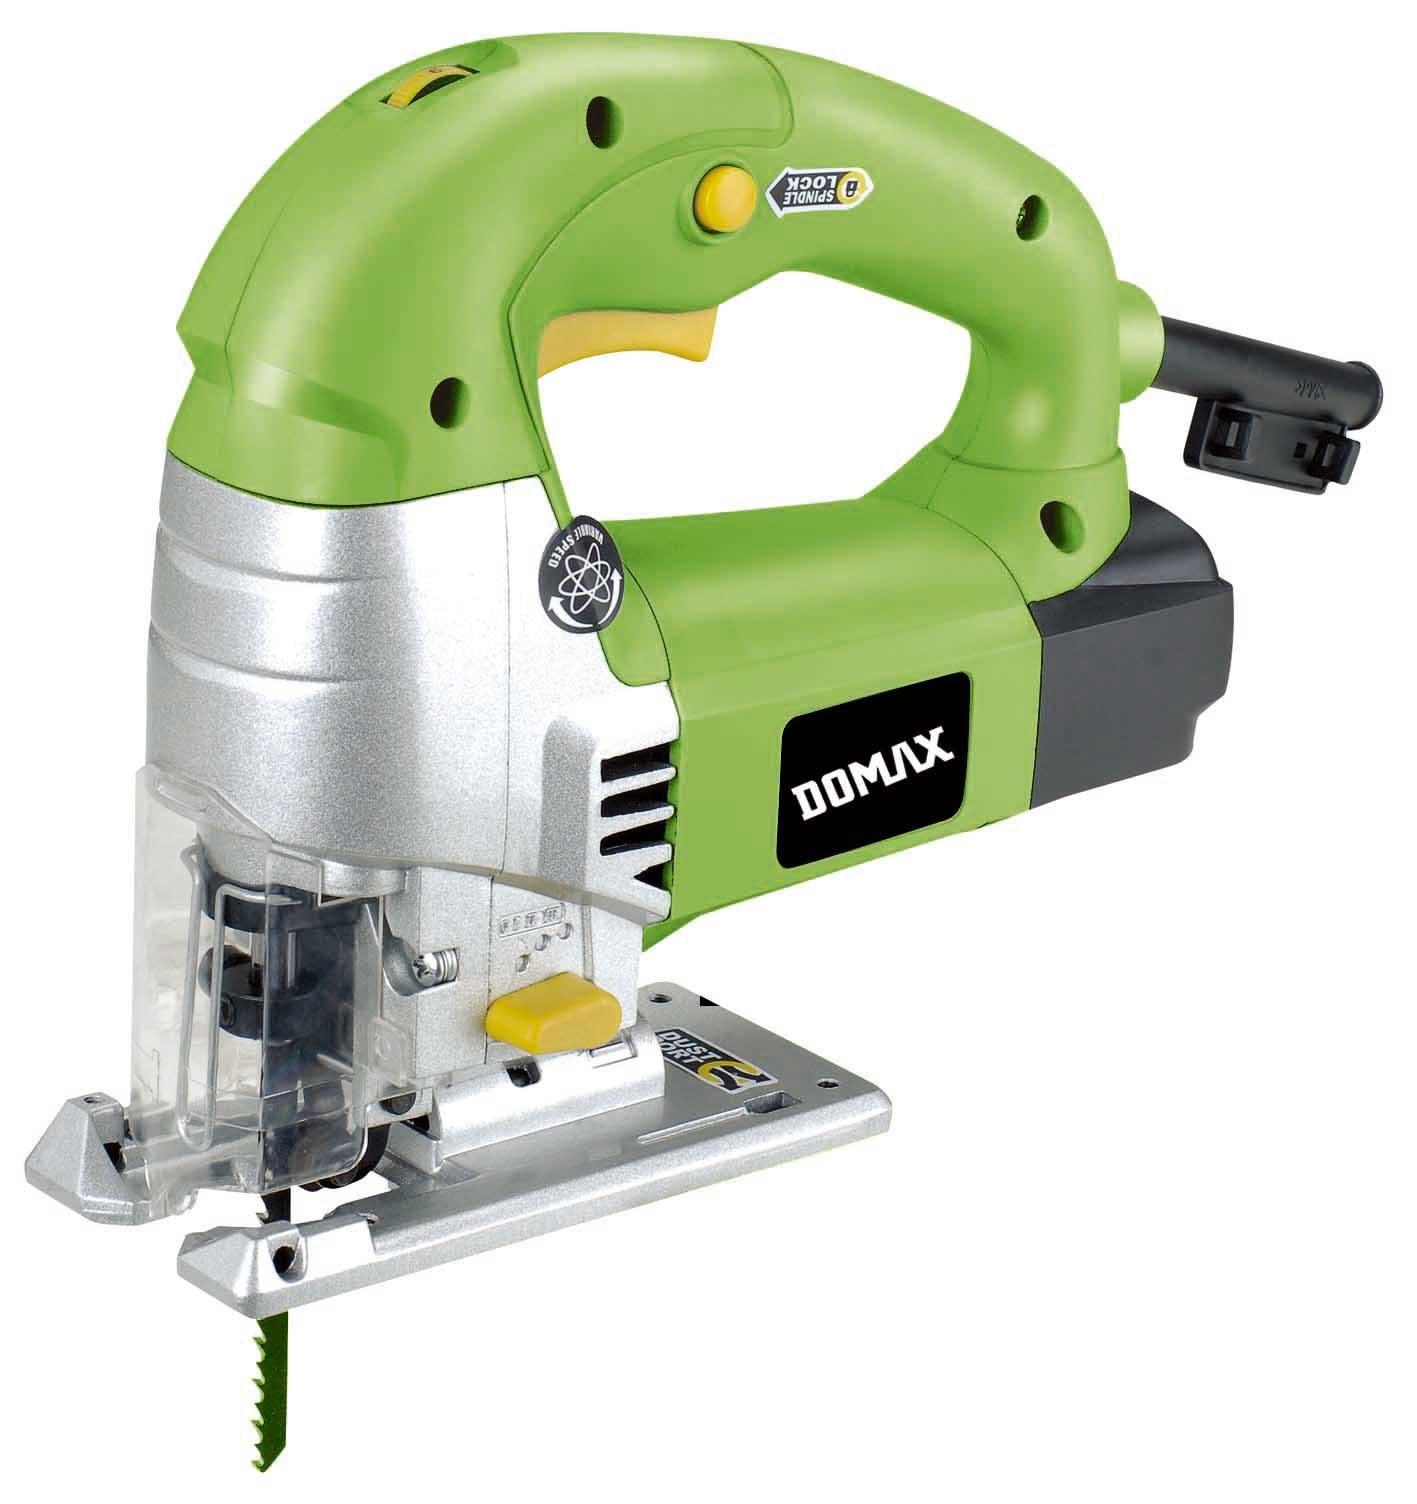 Professional Quality 570W 55mm Jig Saw (DX4227)